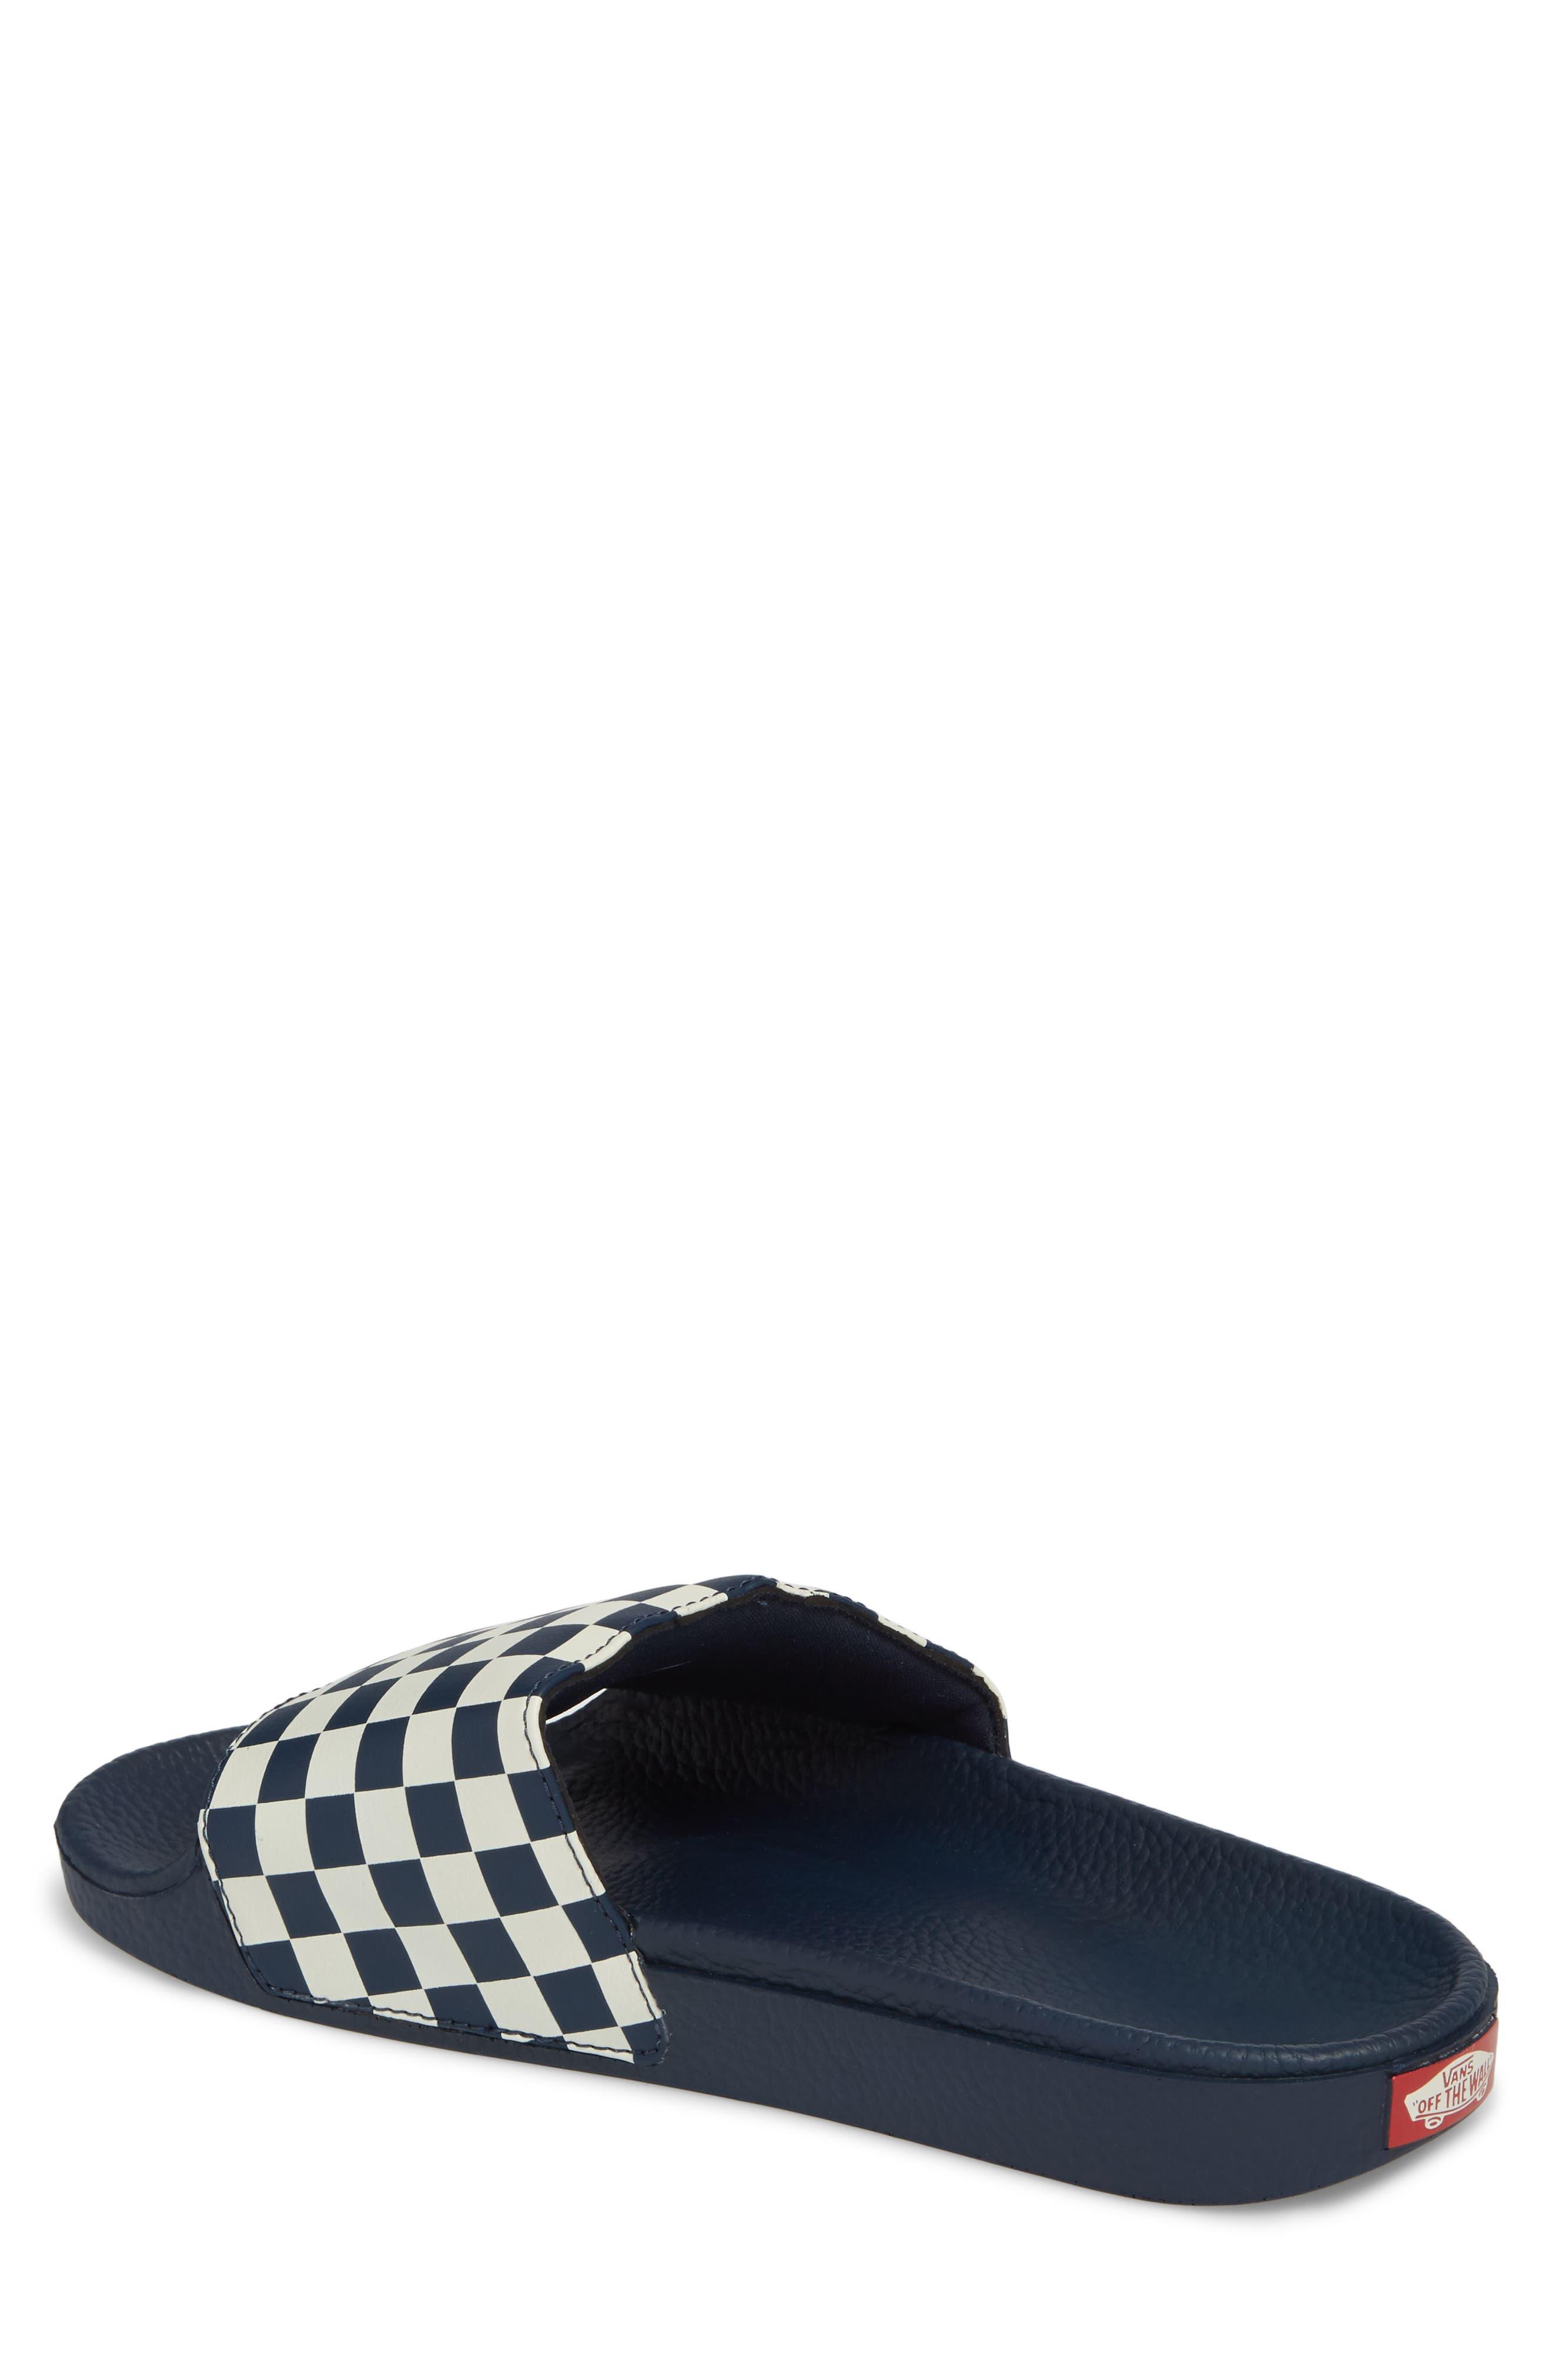 Alternate Image 2  - Vans 'Slide-On' Slide Sandal (Men)